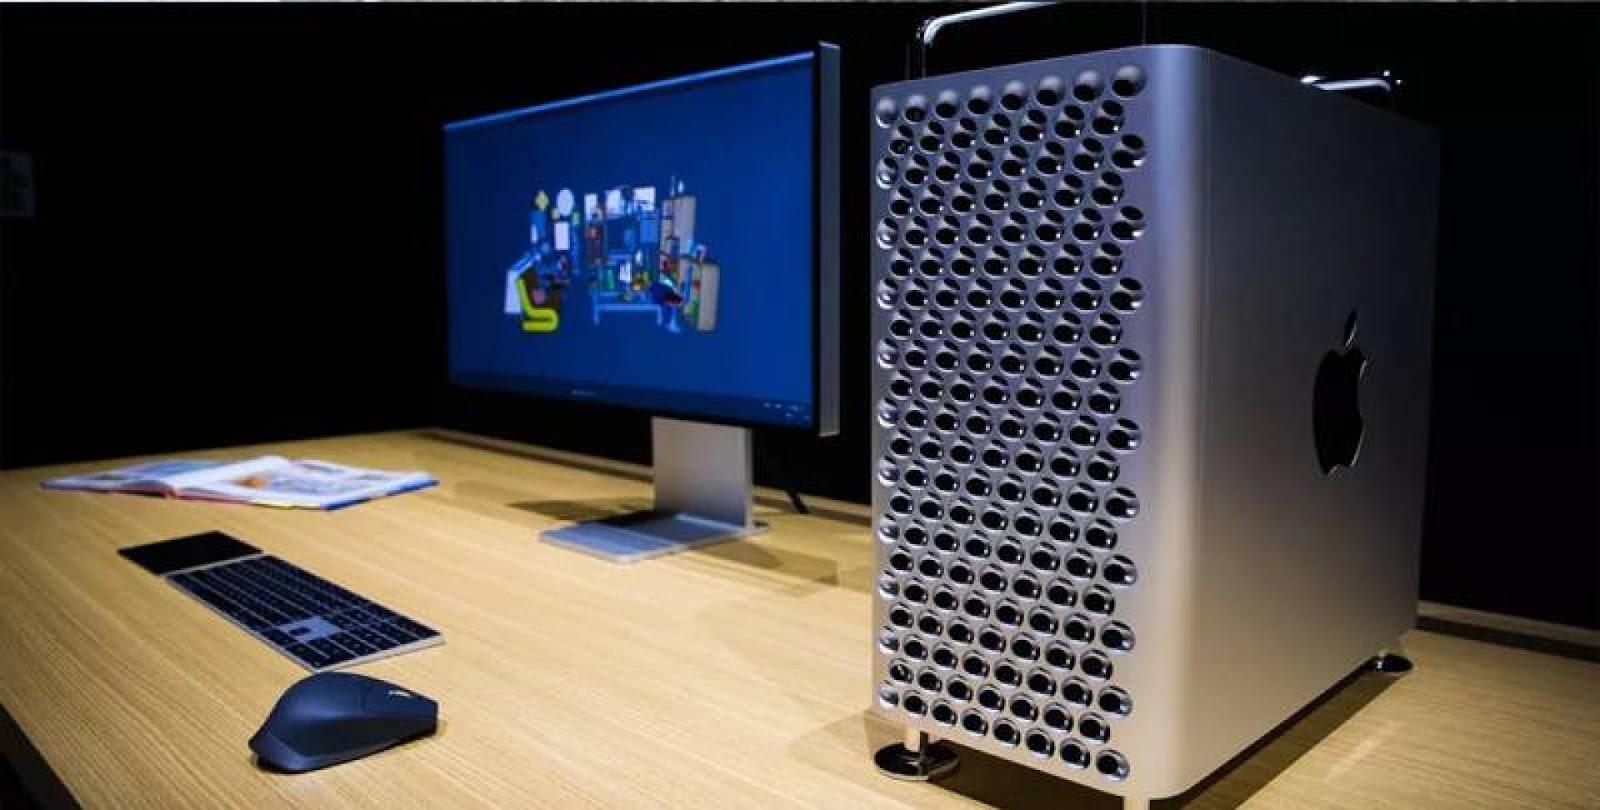 آبل تُعيد تصنيع أجهزة كمبيوتر Mac